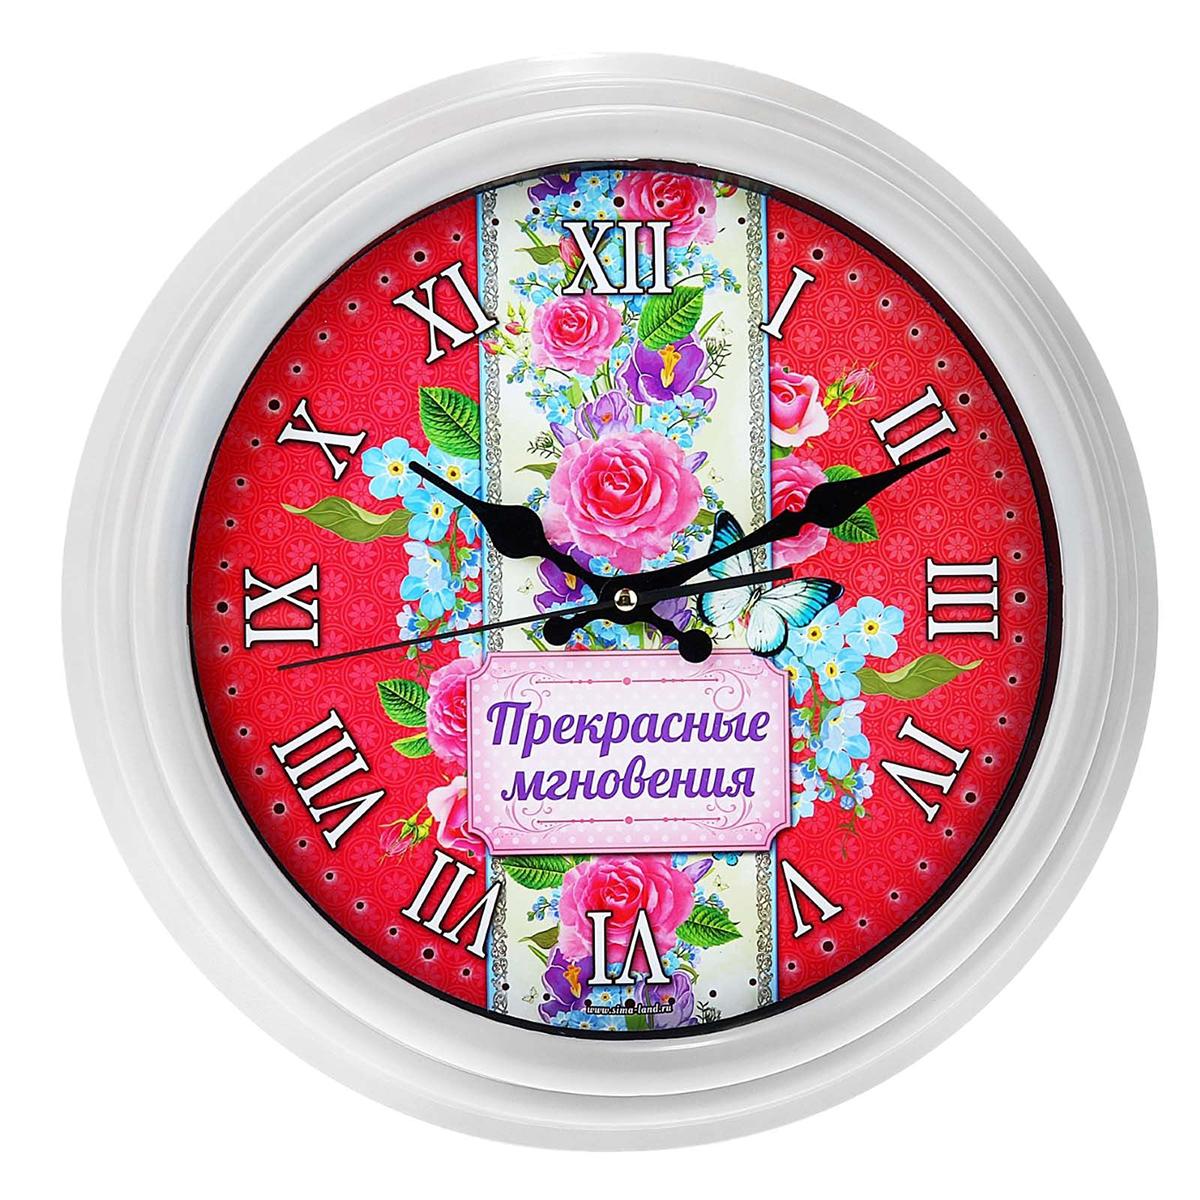 Часы настенные Прекрасные мгновения, 28 см мгновения